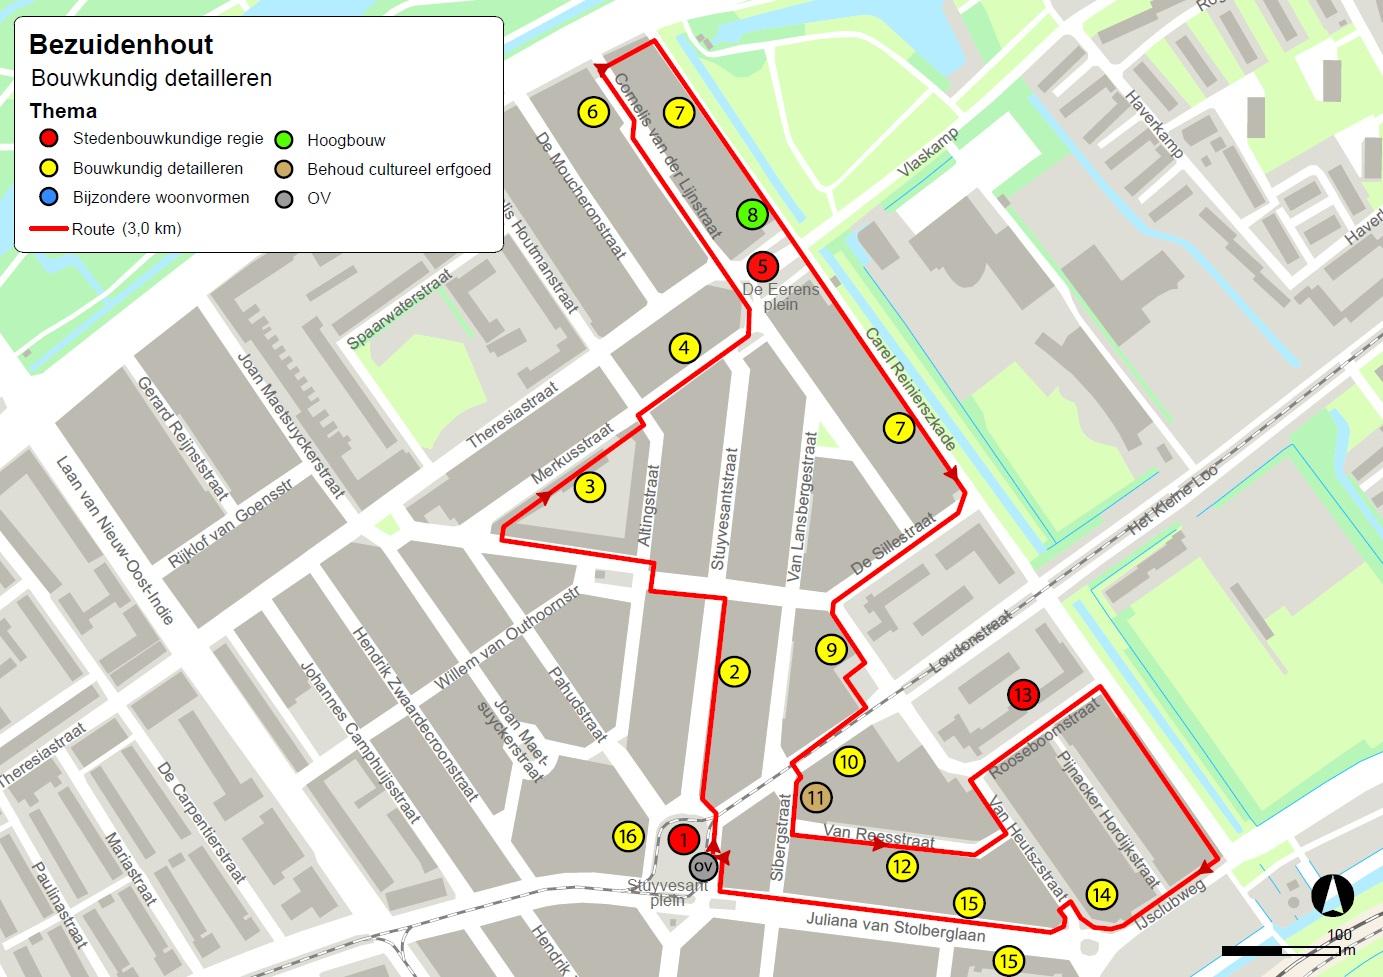 kaart wandeling Nieuwe haagse School architectuur bezuidenhout oost